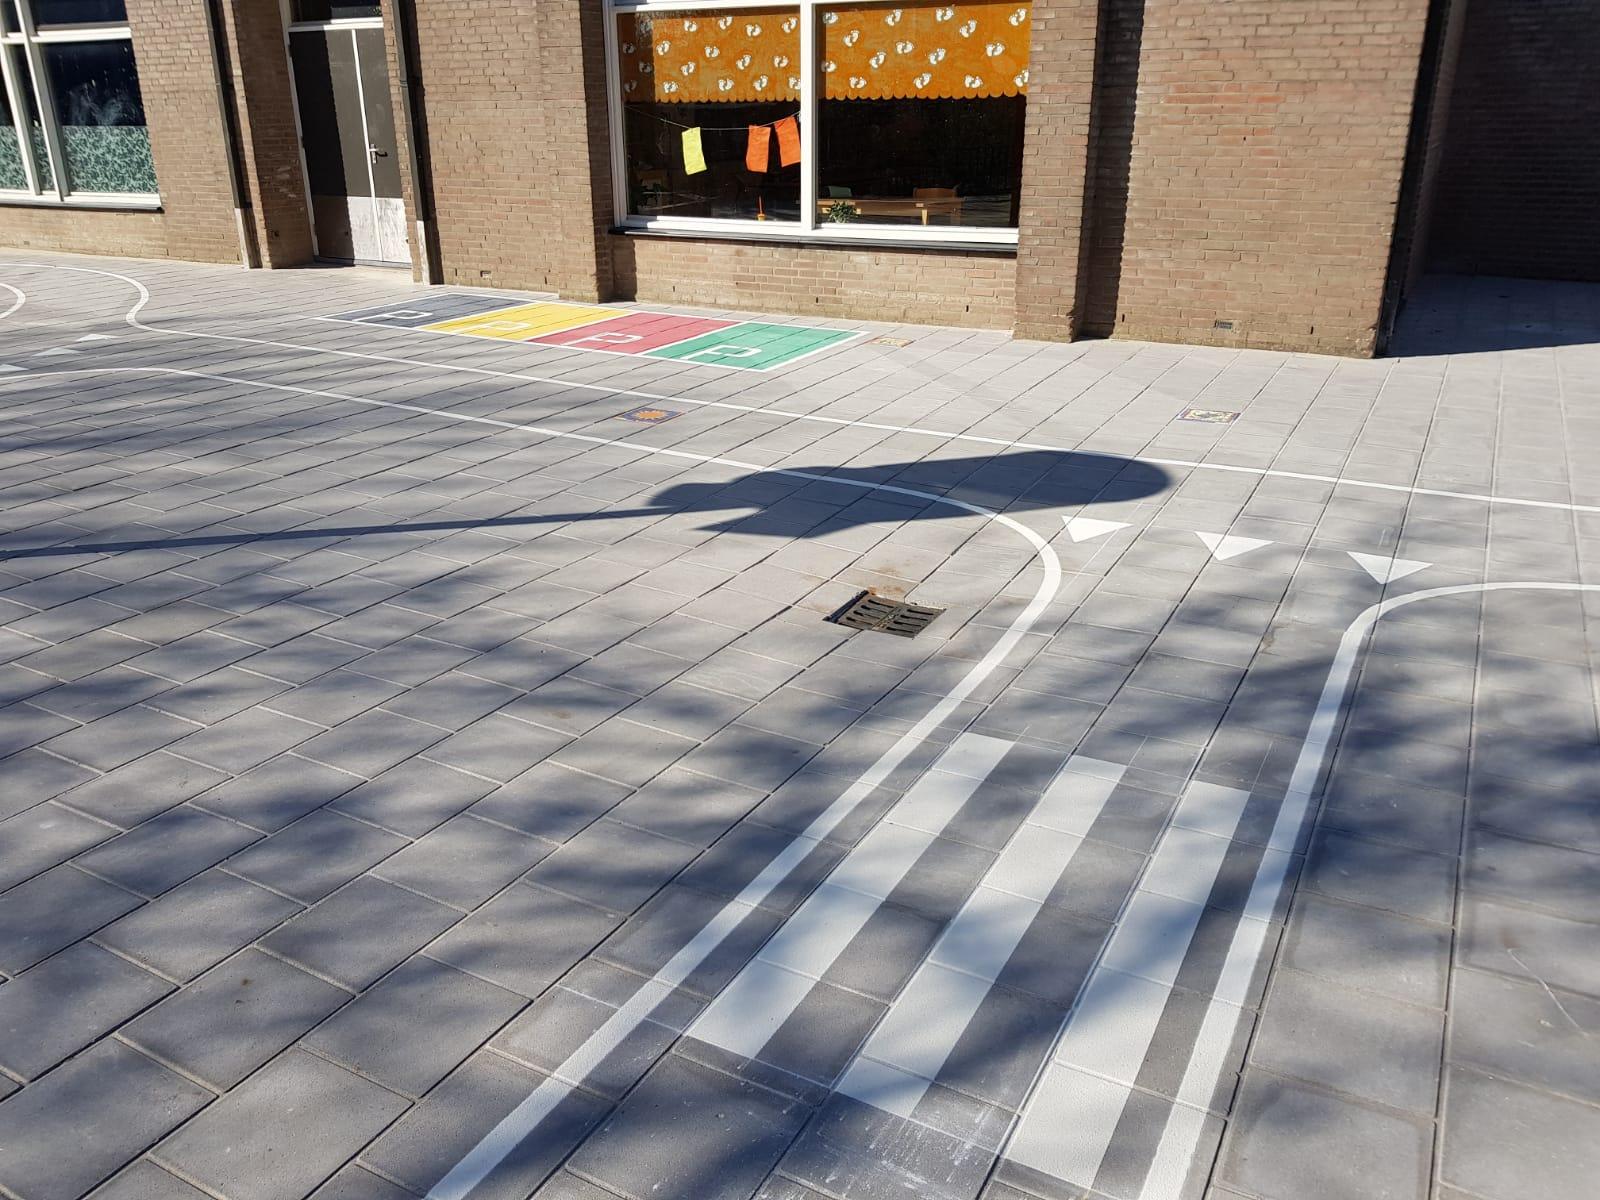 Verkeersplein basisschool De Twickel Hoofddorp